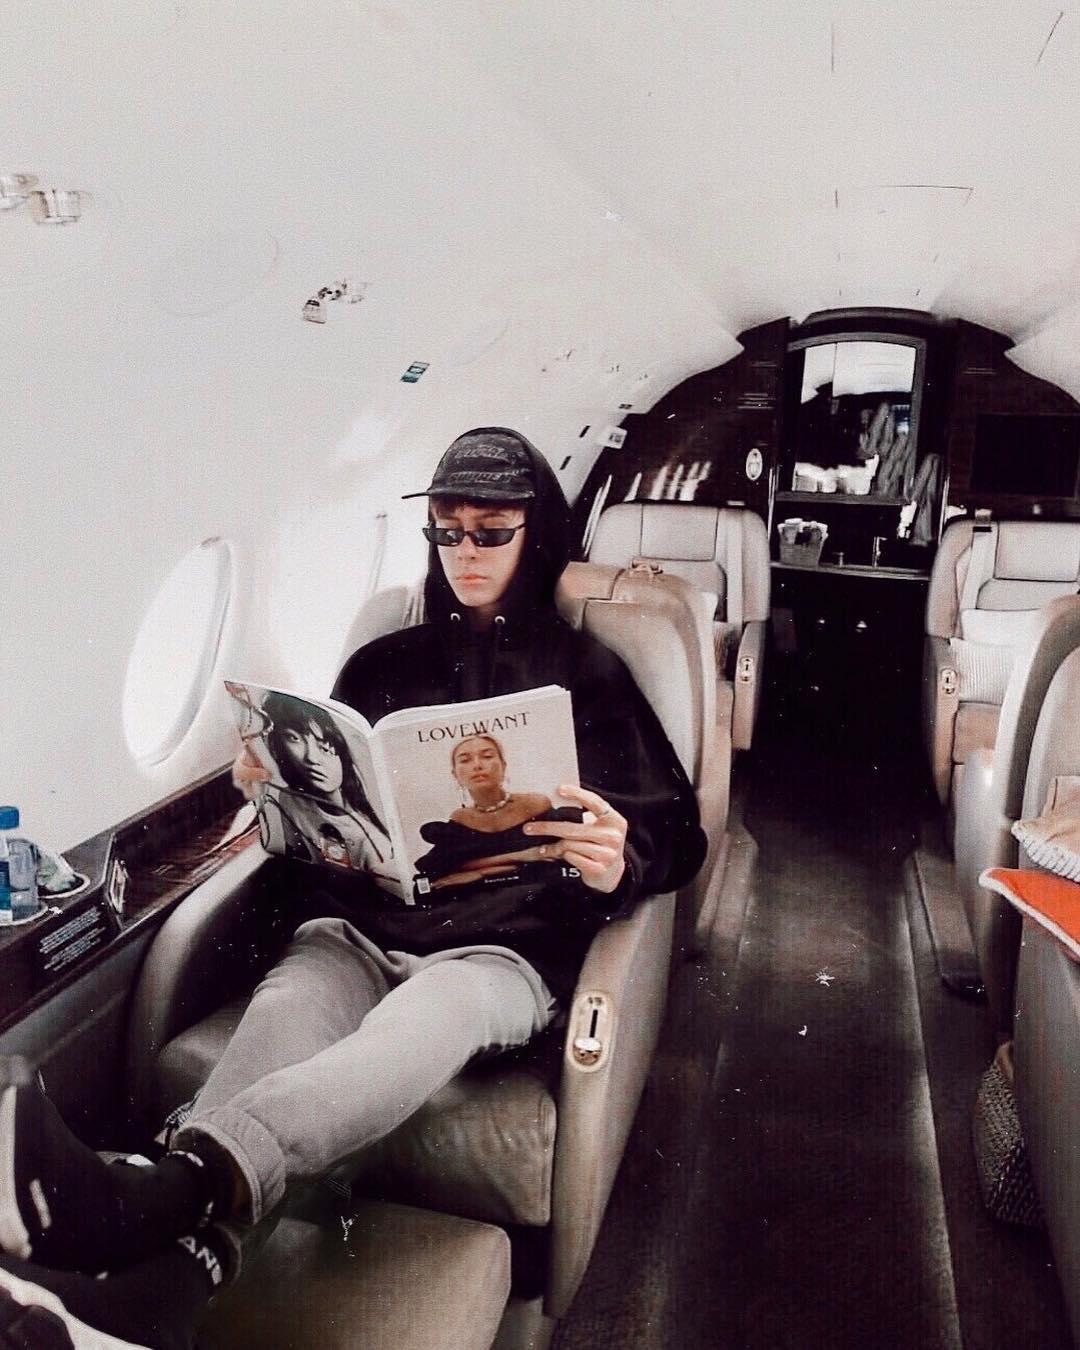 Jovem de 19 anos finge ser rico no Instagram